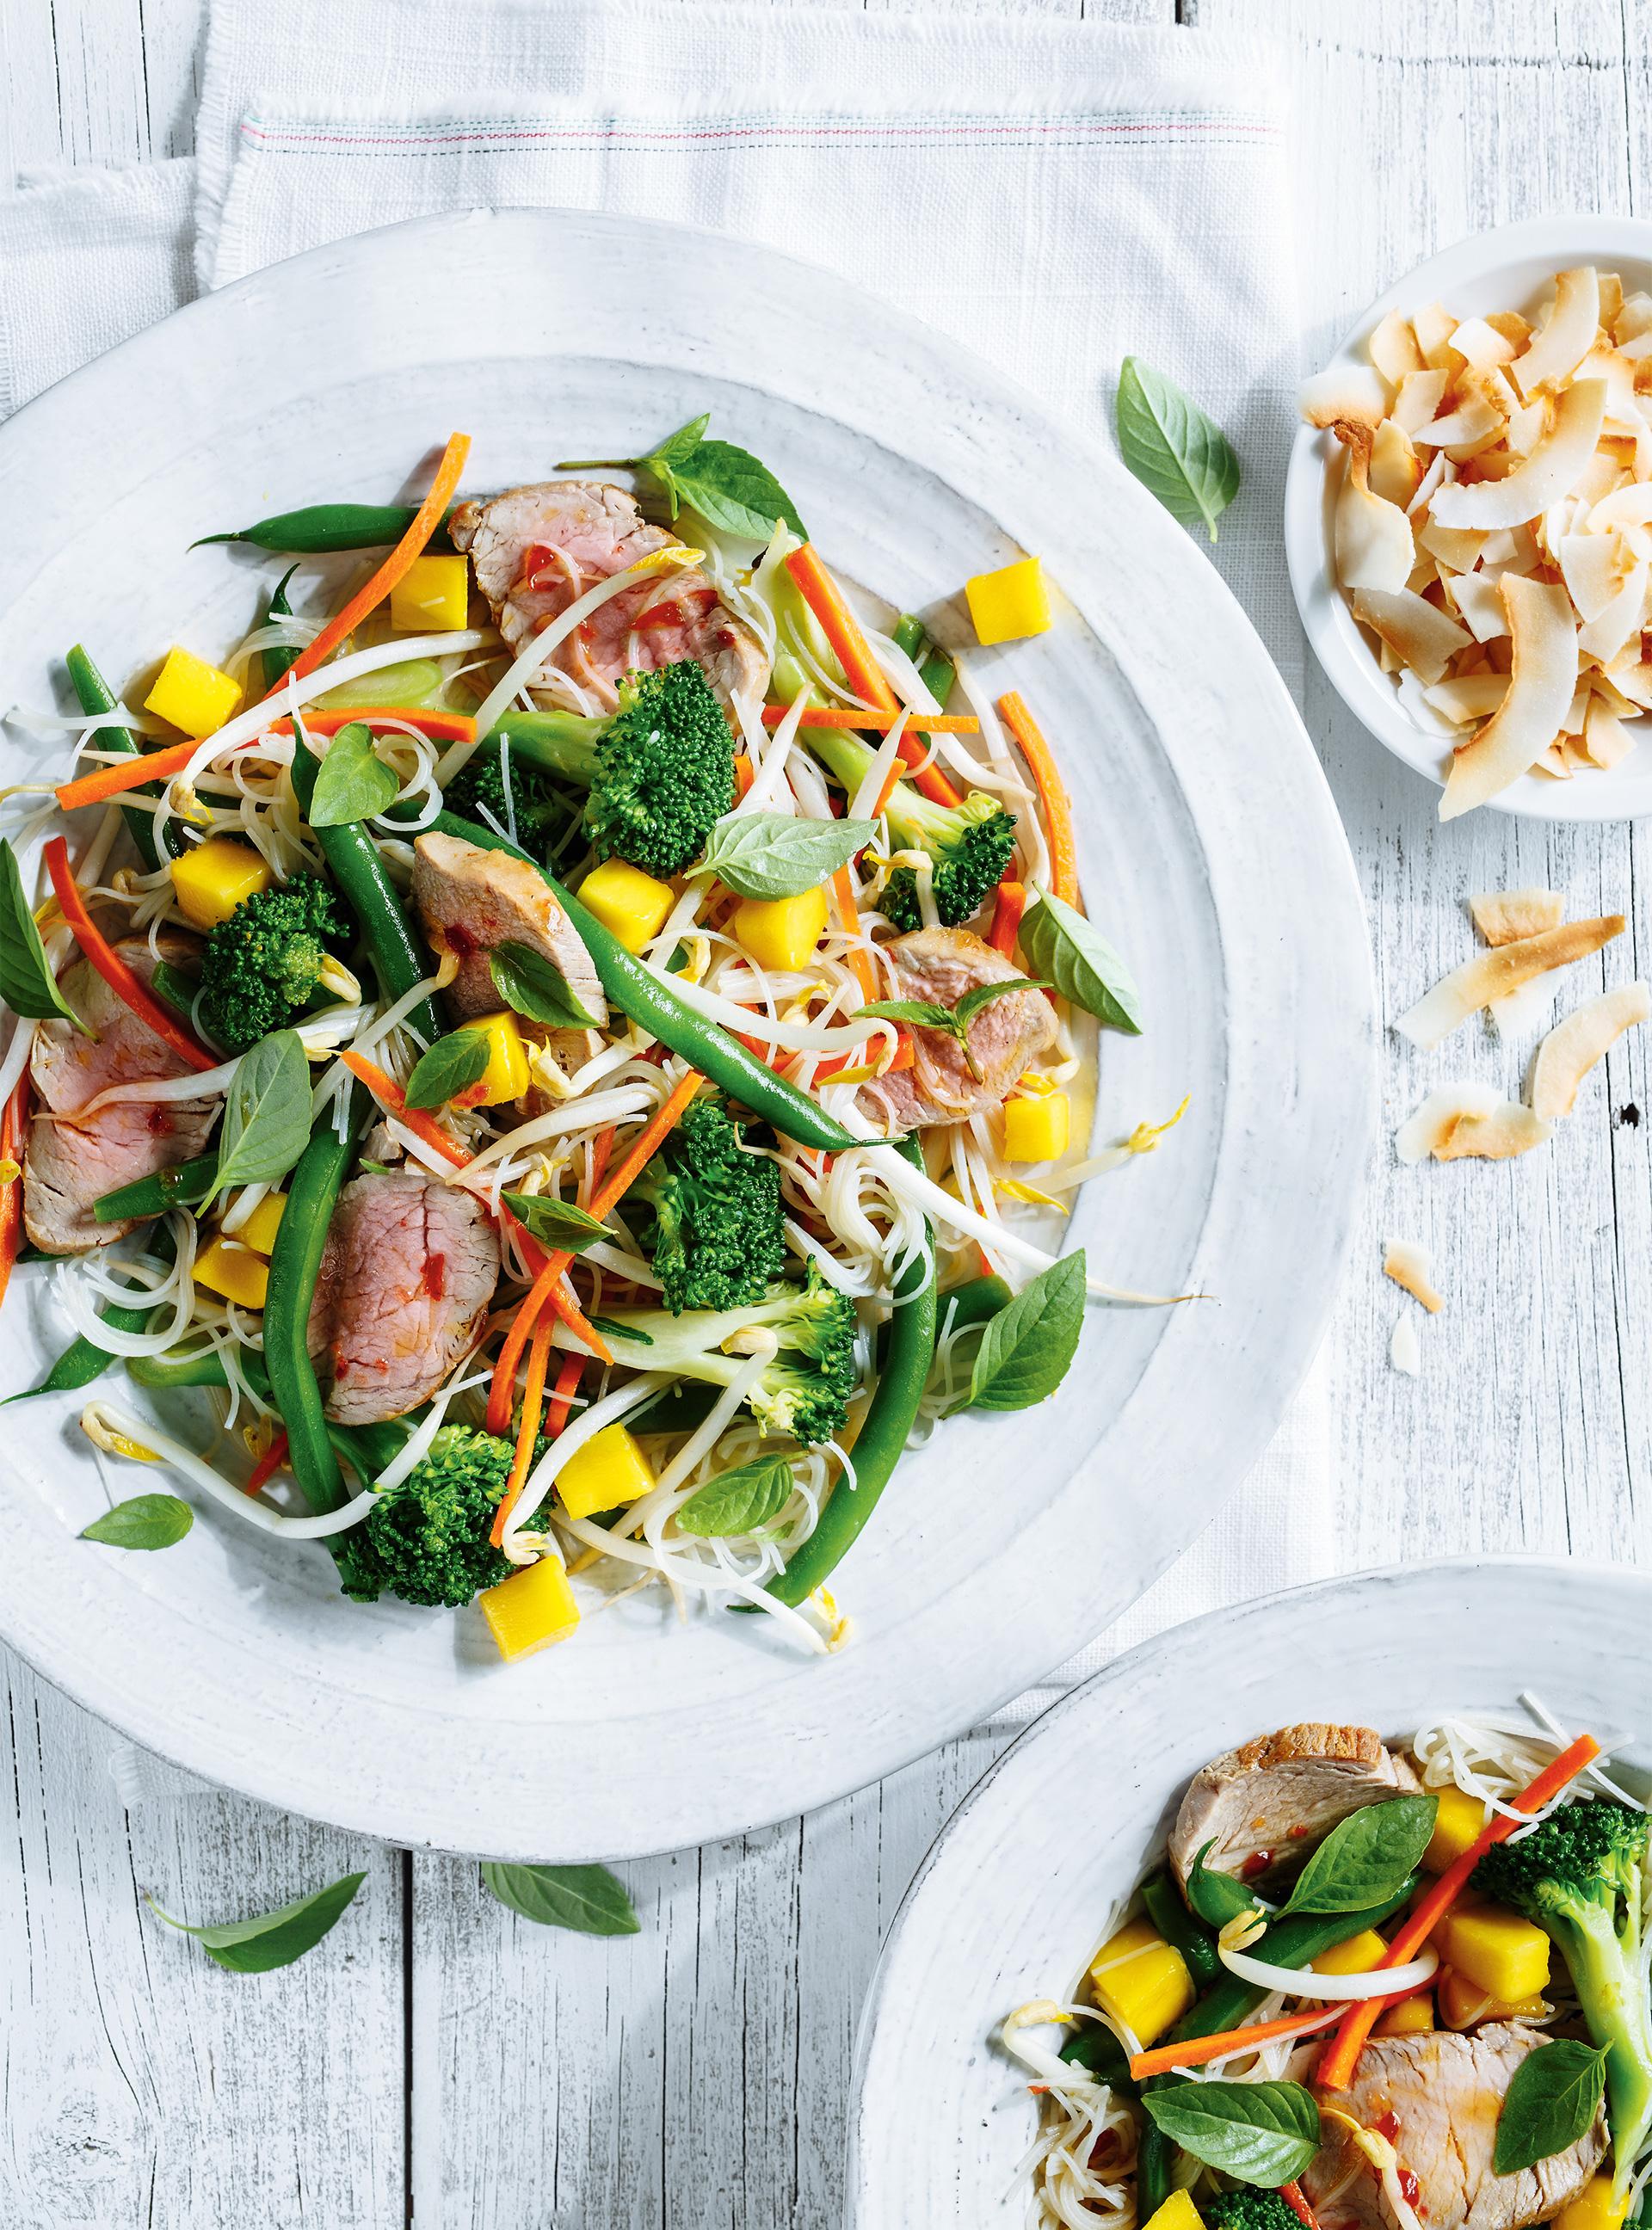 Salade de filet de porc thaï | ricardo